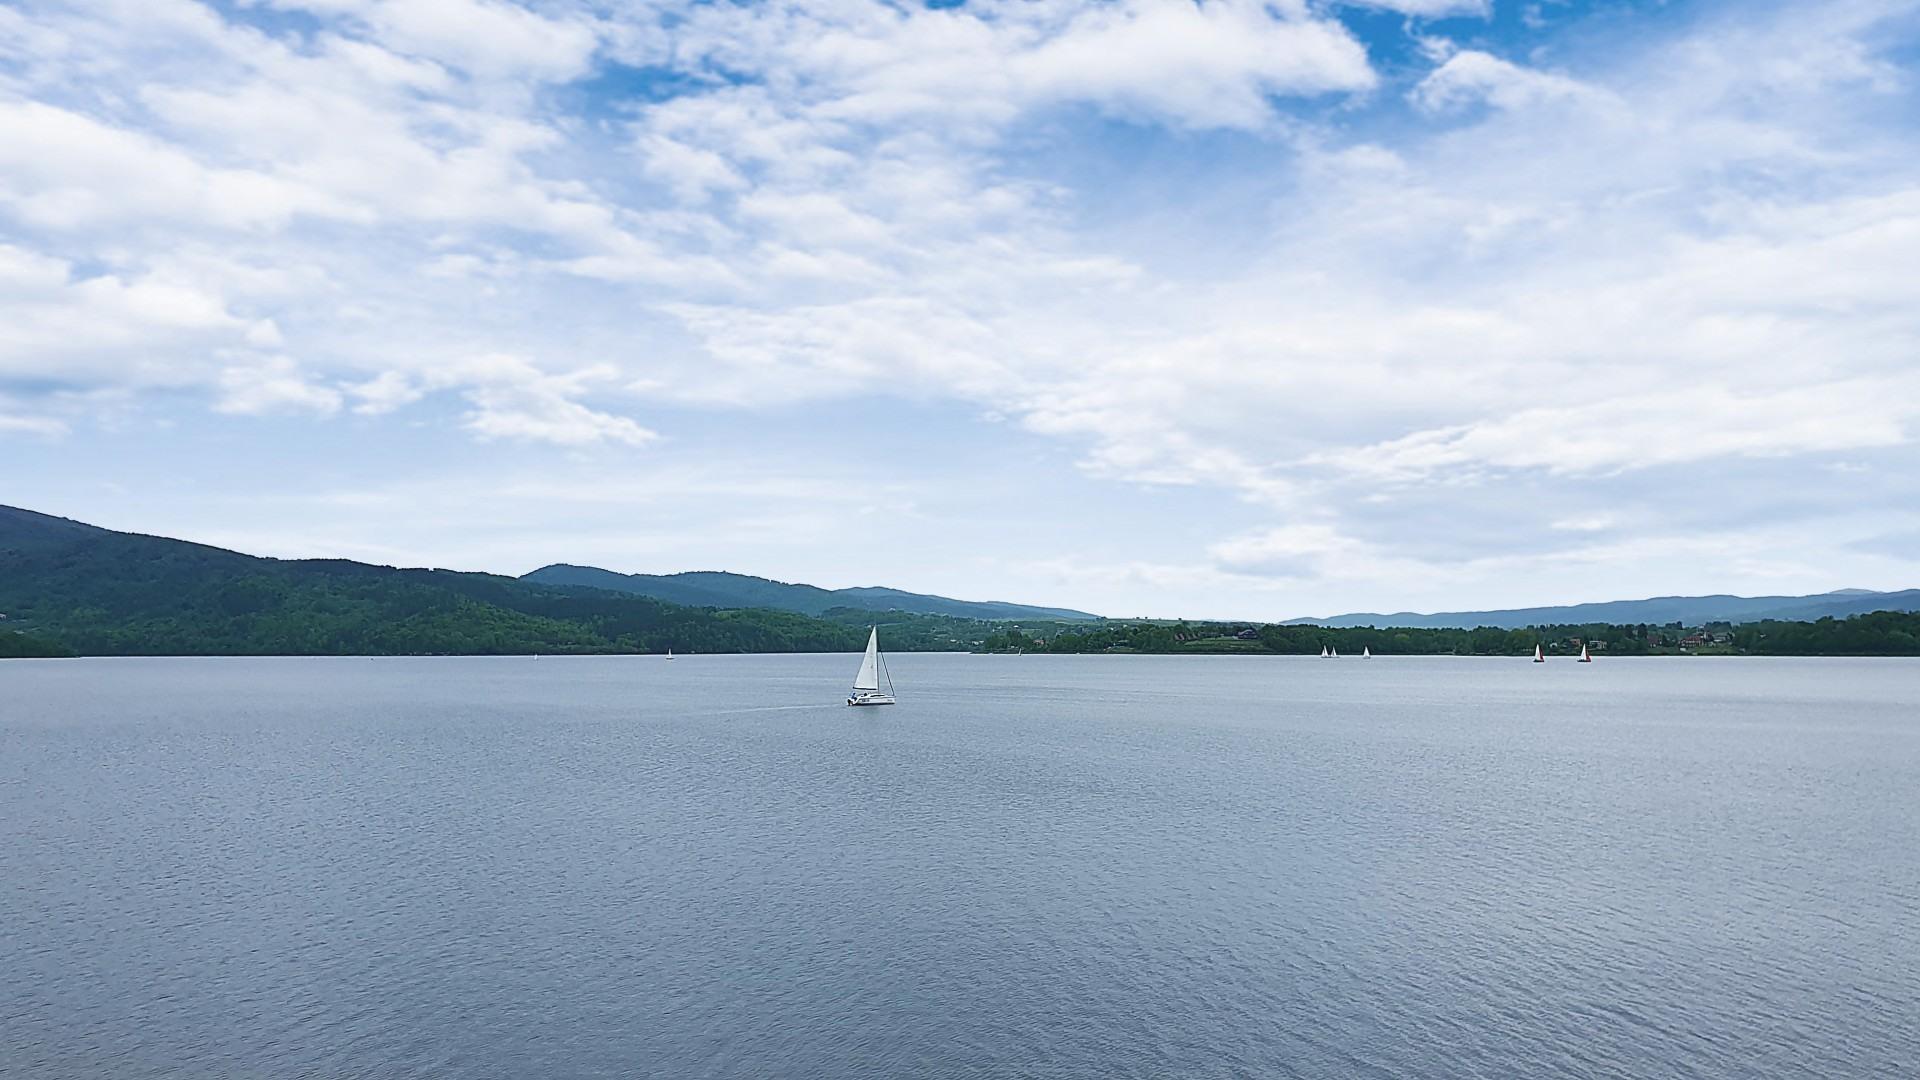 Jezioro Żywieckie pełnia relaksu, w pobliżu piękne domki wypoczynkowe idealne na nocleg